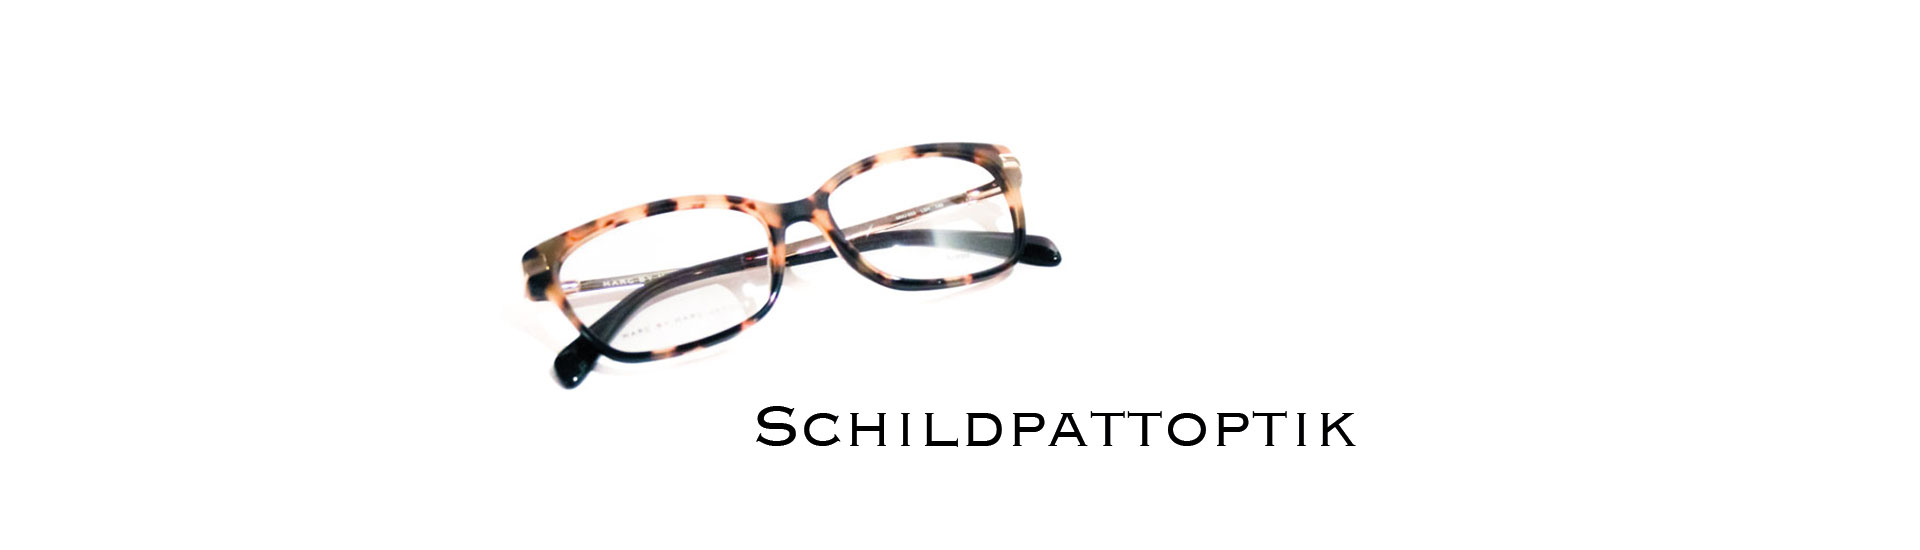 slider_Schildpattoptik